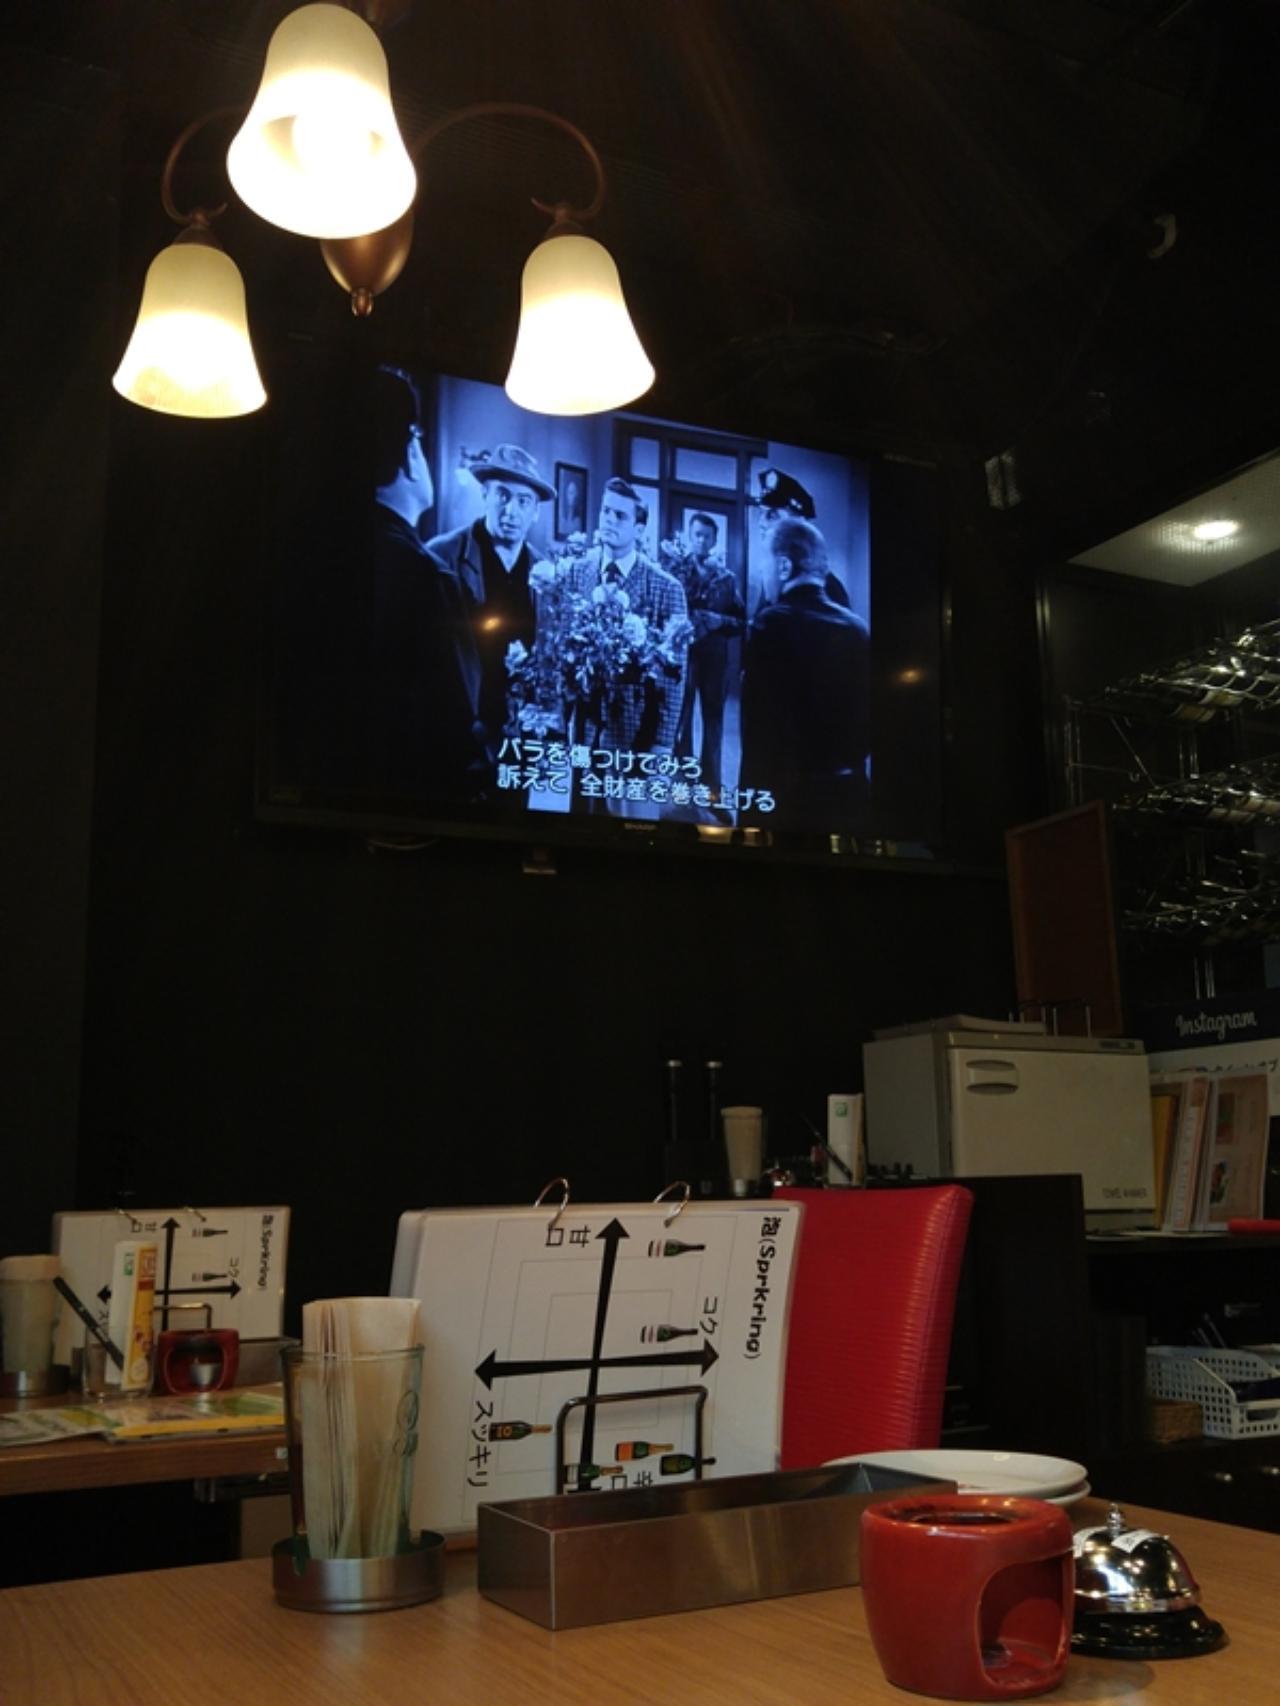 画像: モニターにはトーキー時代を思わせる字幕映画が流れる、赤と黒が基調のスタイリッシュな店内です